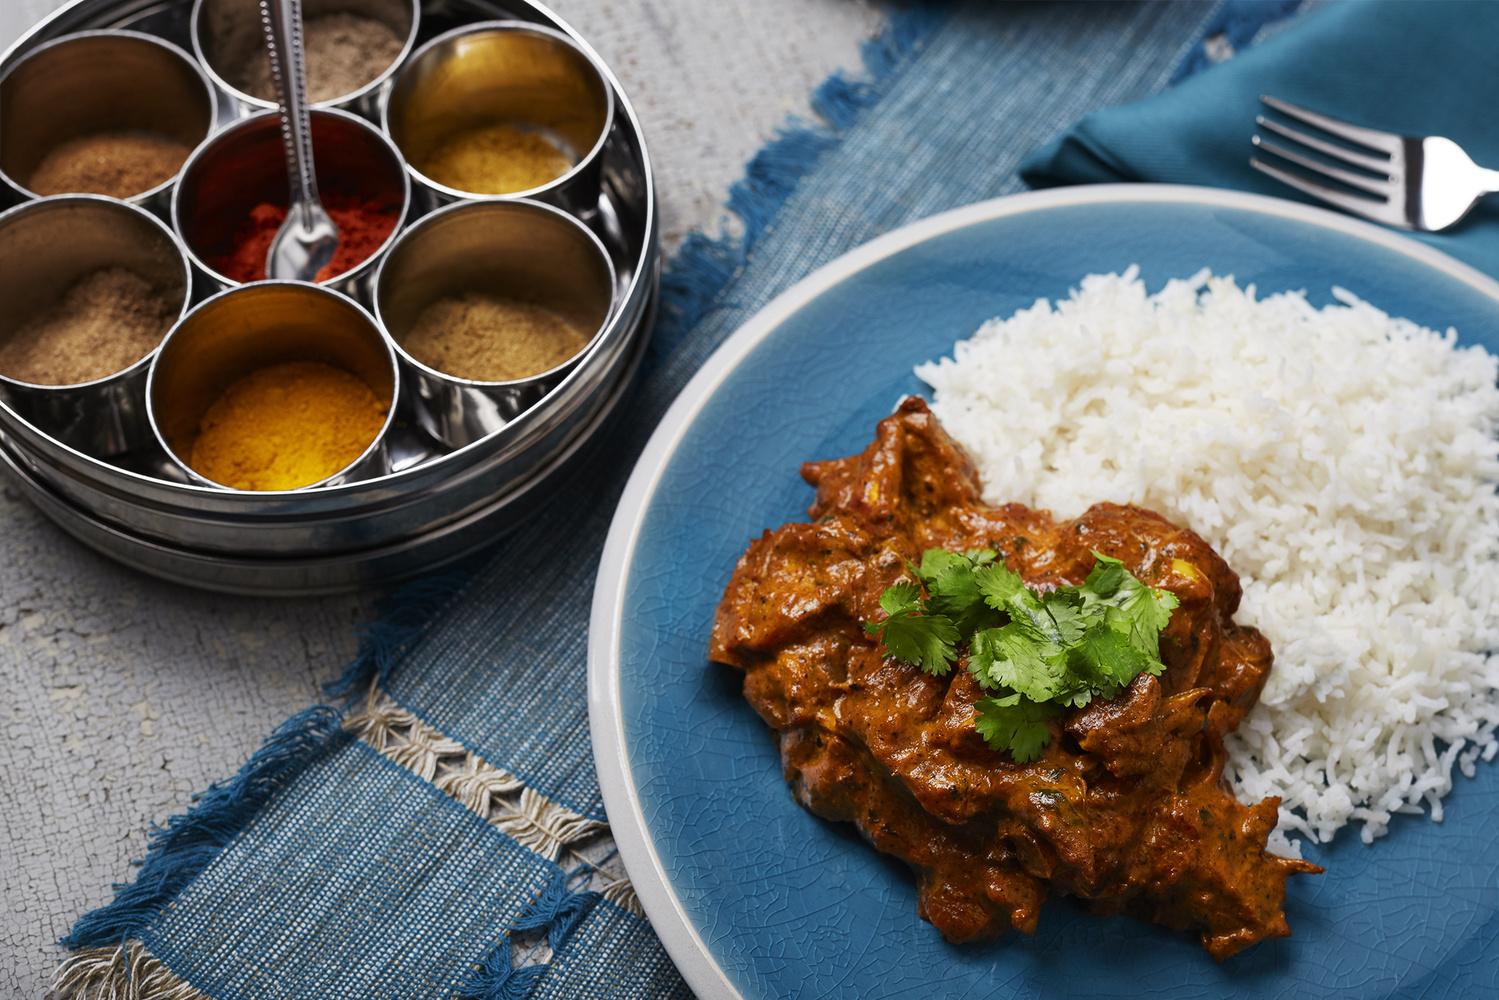 Chicken Tikka Masala by Edward Boe